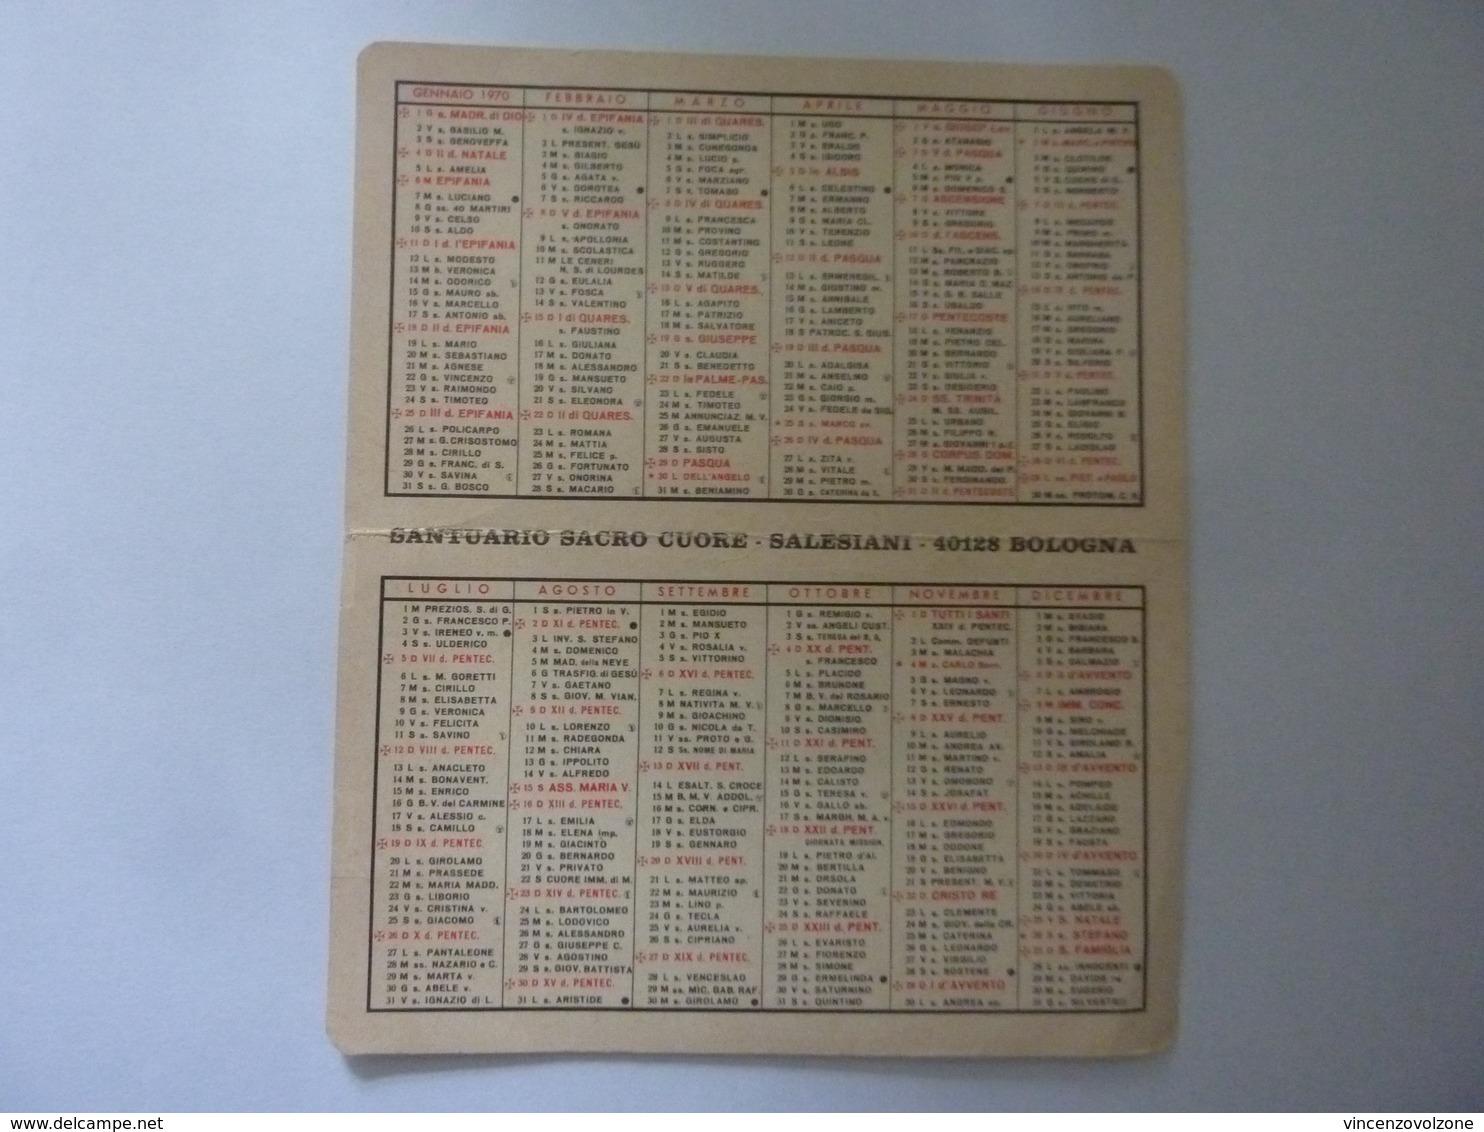 """Calendario Pieghevole """"SANTUARIO SACRO CUORE SALESIANI BOLOGNA 1970"""" - Formato Piccolo : 1961-70"""